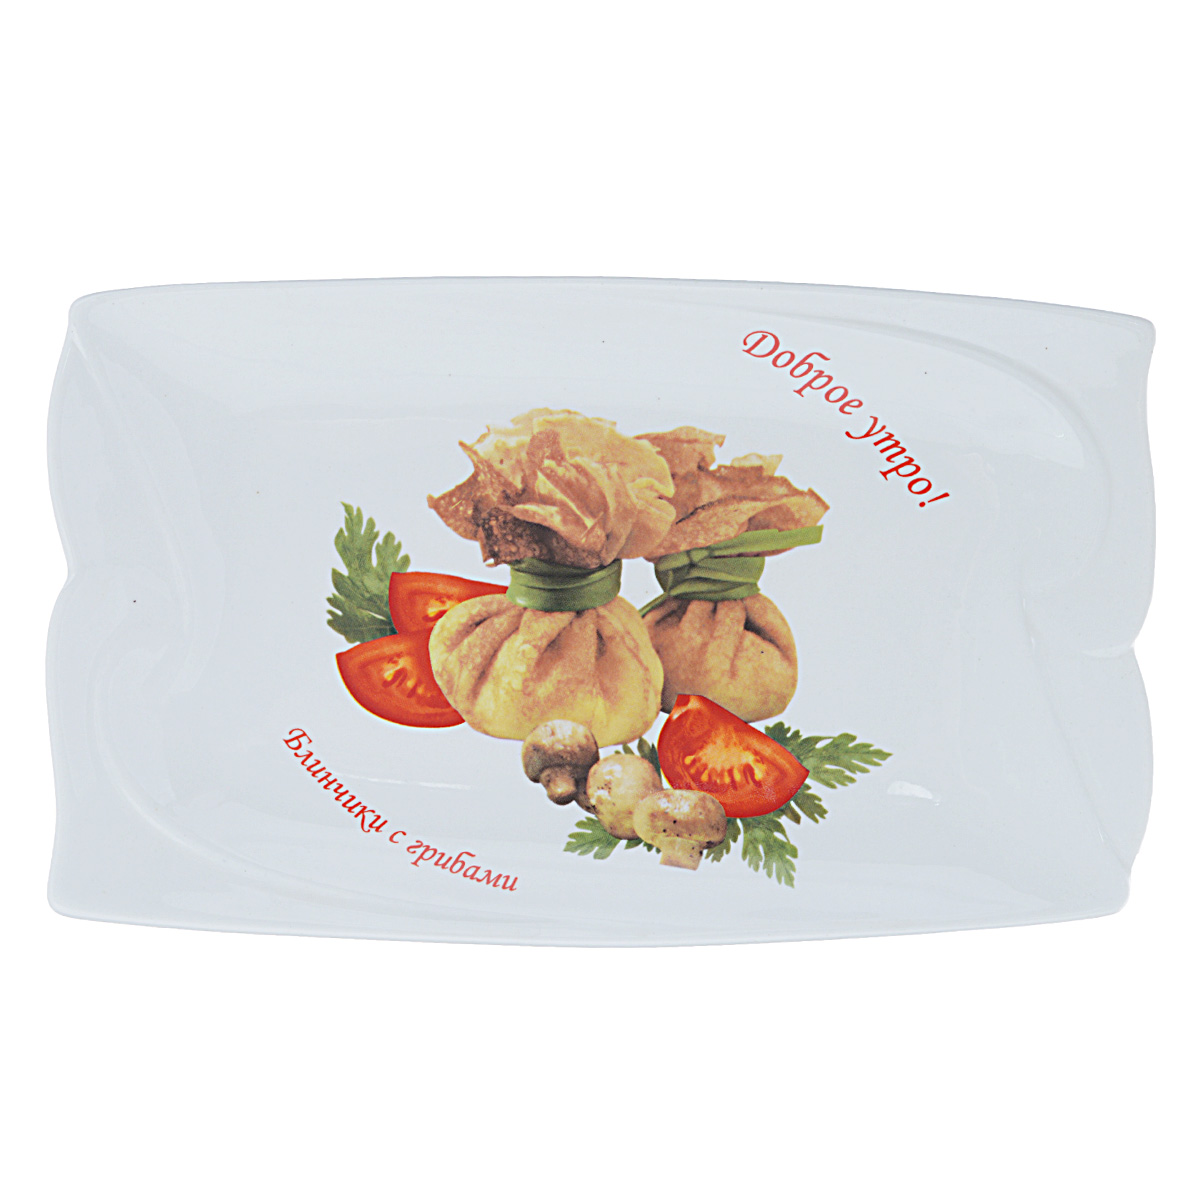 Блюдо LarangE Блинчики с грибами, цвет: белый, 24,5 х 15 см115010Блюдо LarangE Блинчики с грибами изготовлено из высококачественной керамики. Изделие украшено изображением блинчиков.Пусть ваше утро начинается с незабываемого завтрака!Можно использовать в СВЧ печах, духовом шкафу и холодильнике. Не применять абразивные чистящие вещества.Размер блюда: 24,5 см х 15 см х 1,5 см.